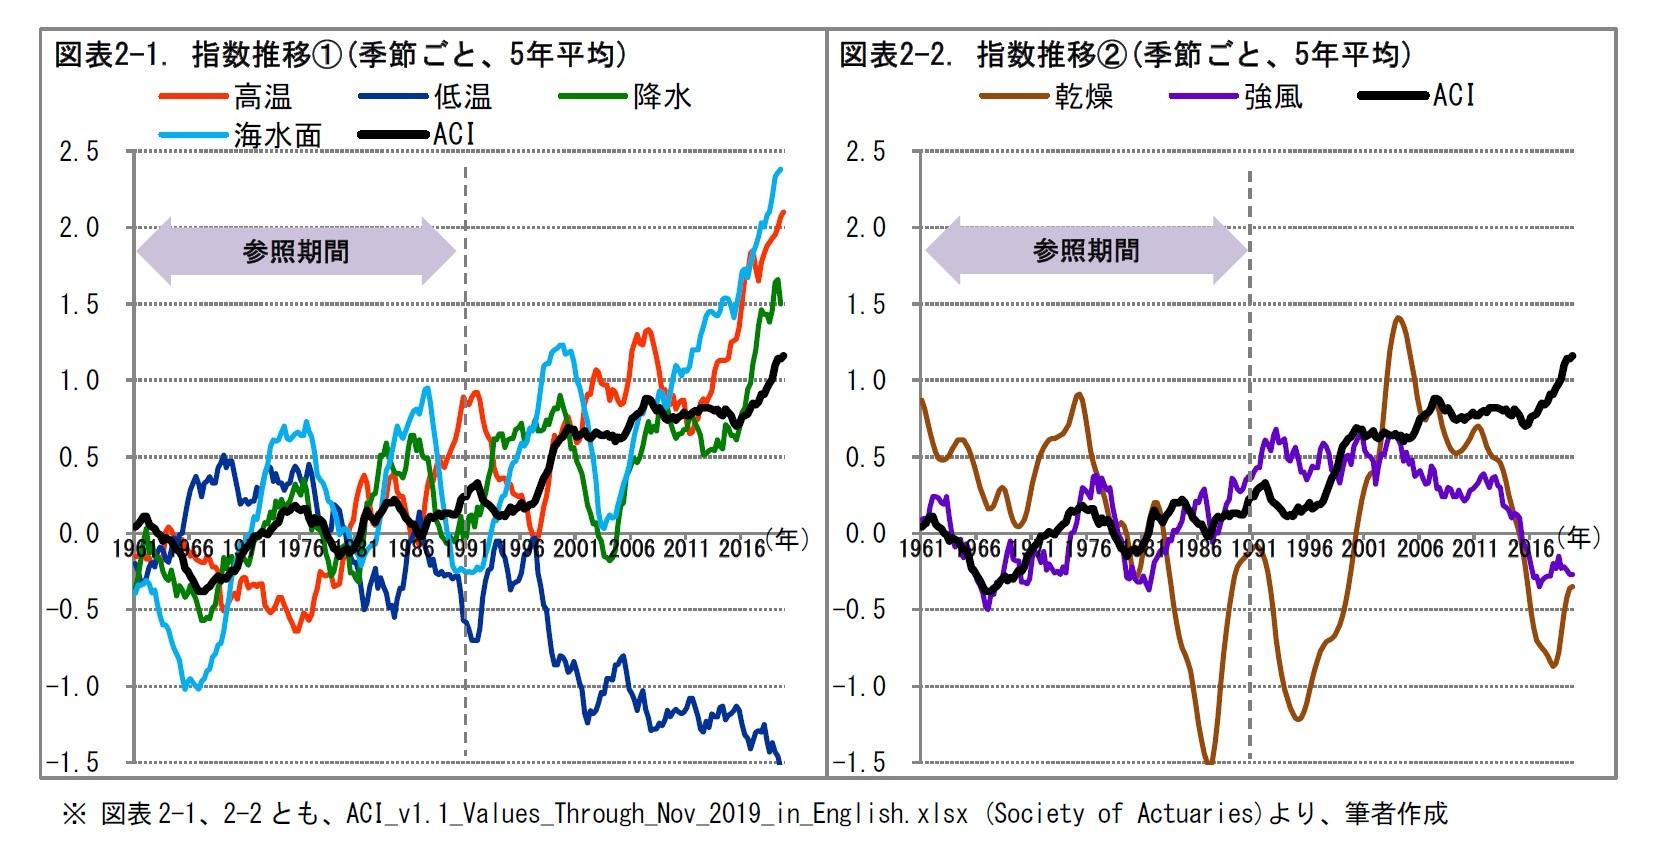 図表2-1. 指数推移(1)(季節ごと、5年平均)/図表2-2. 指数推移(2)(季節ごと、5年平均)